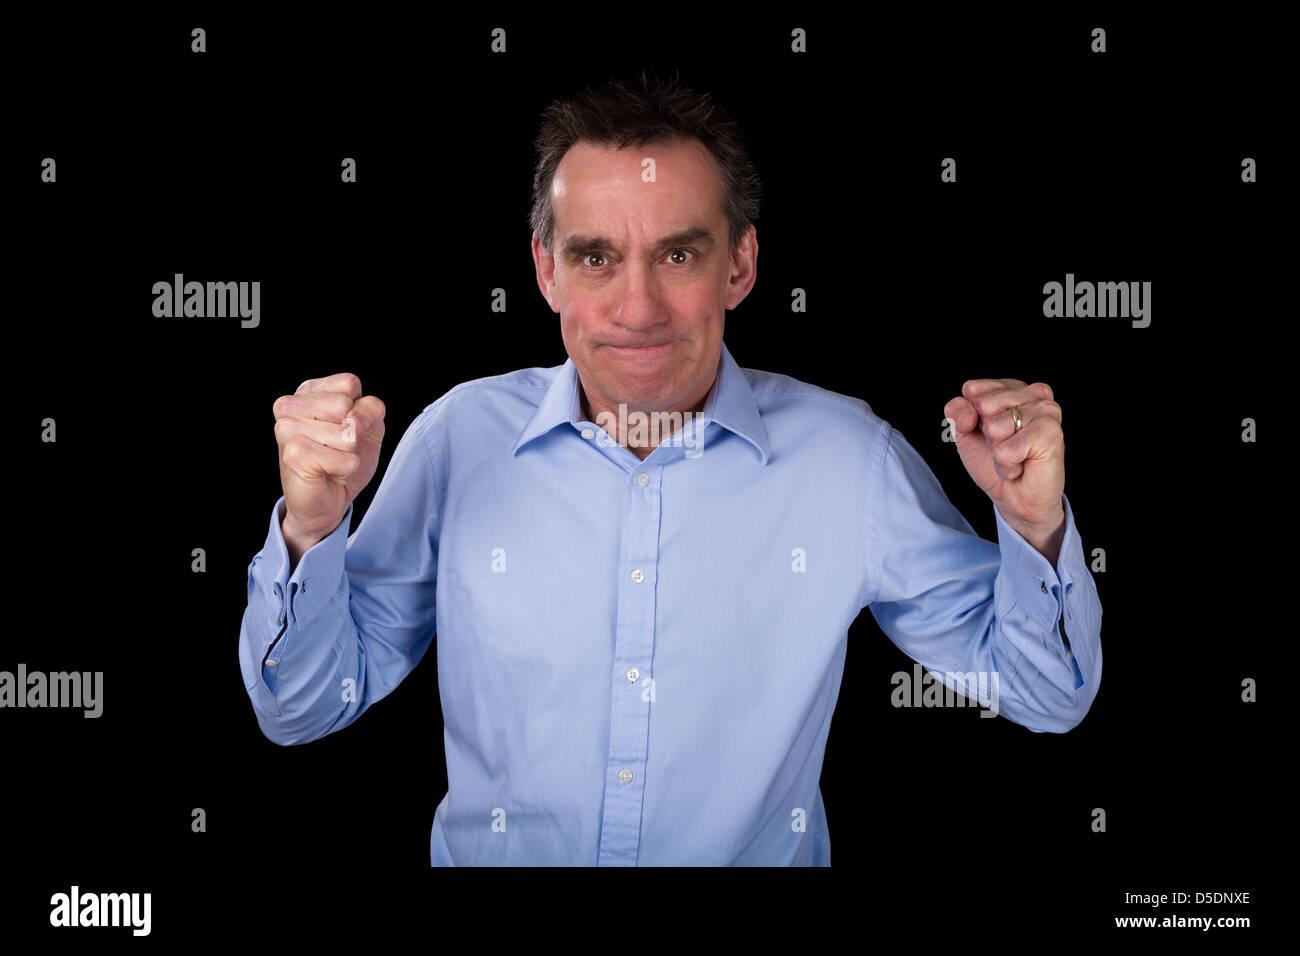 Hombre de negocios de mediana edad enojados agitando puños en frustración fondo negro Imagen De Stock